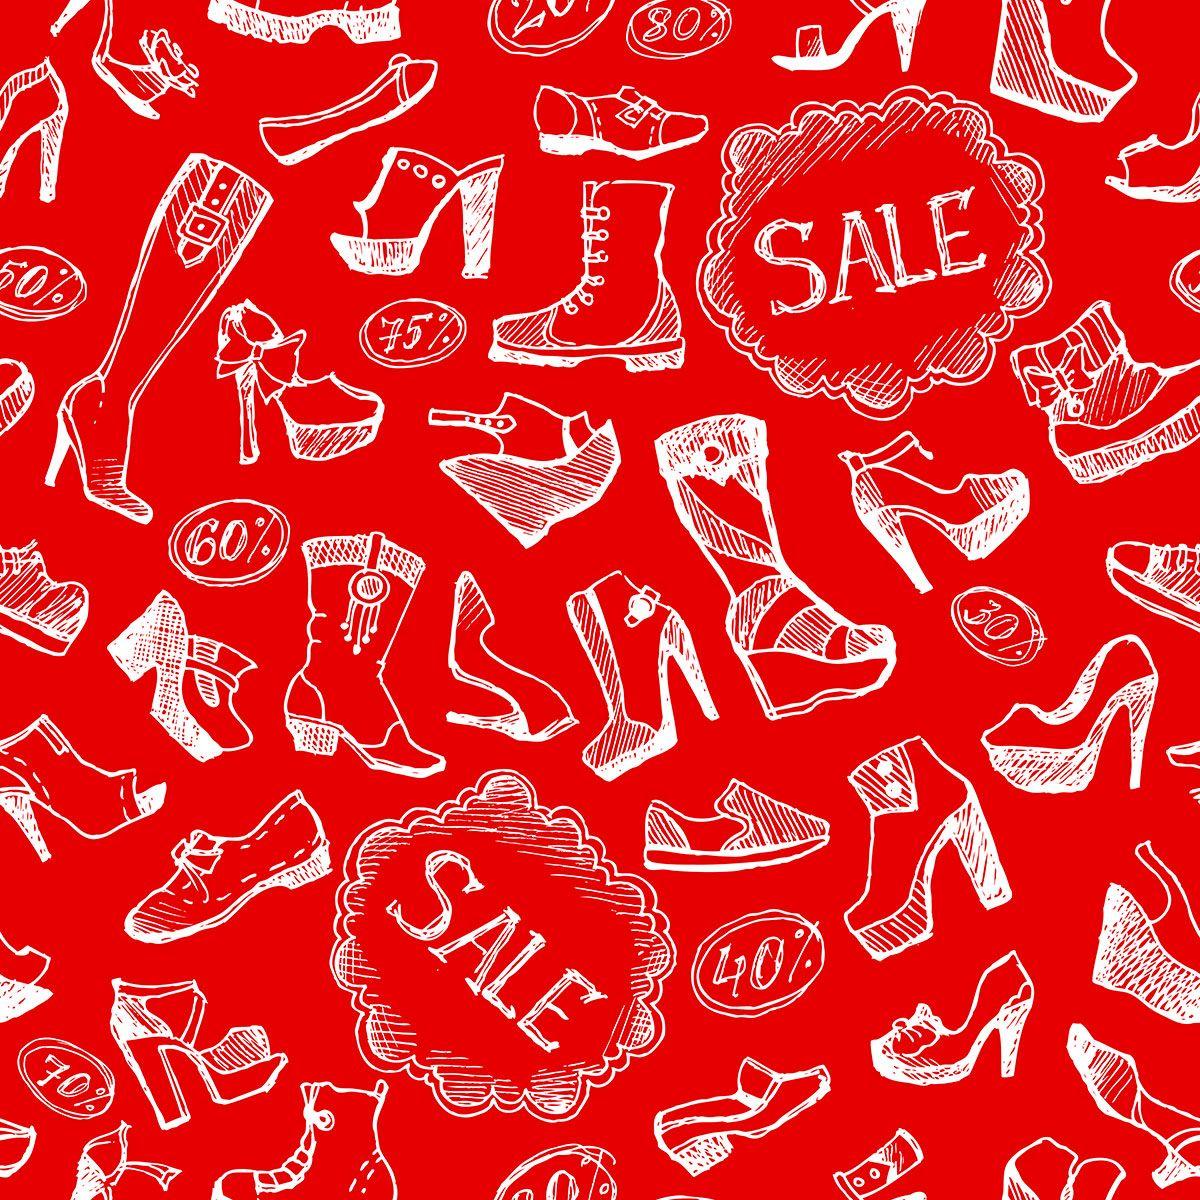 Як купити взуття в інтернеті  f531b6e9ac507